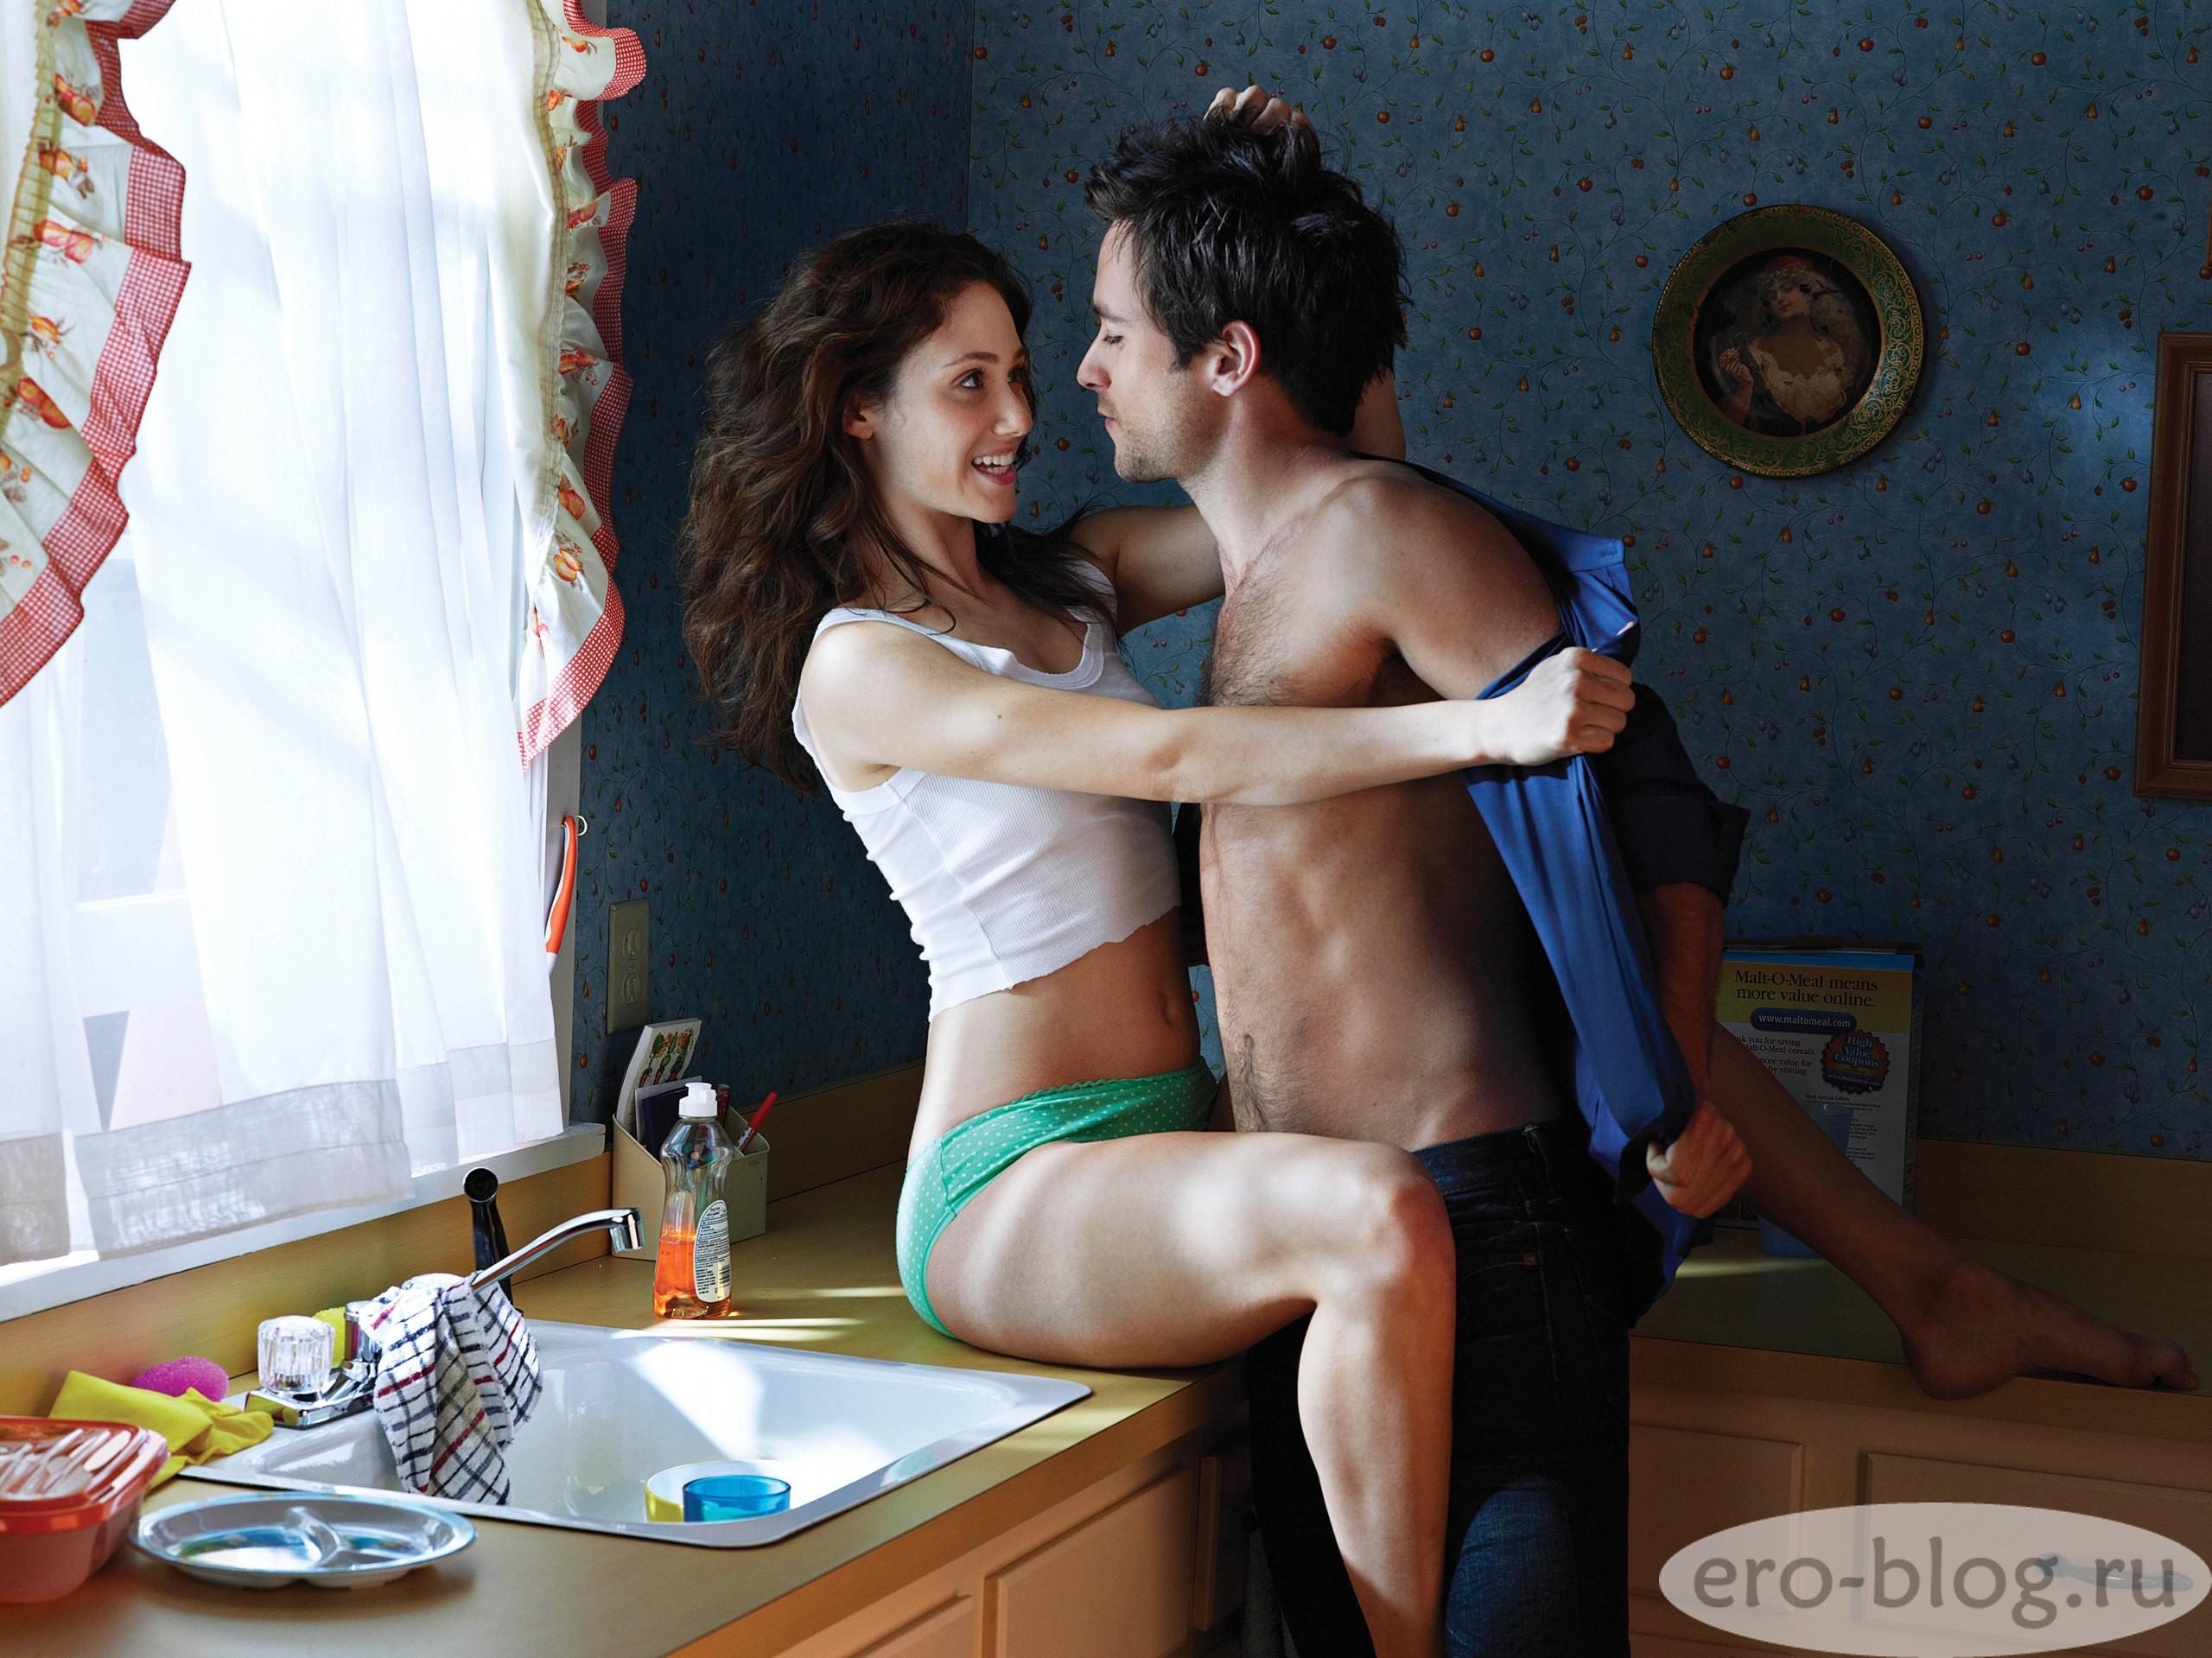 Голая обнаженная Emmy Rossum | Эмми Россум интимные фото звезды